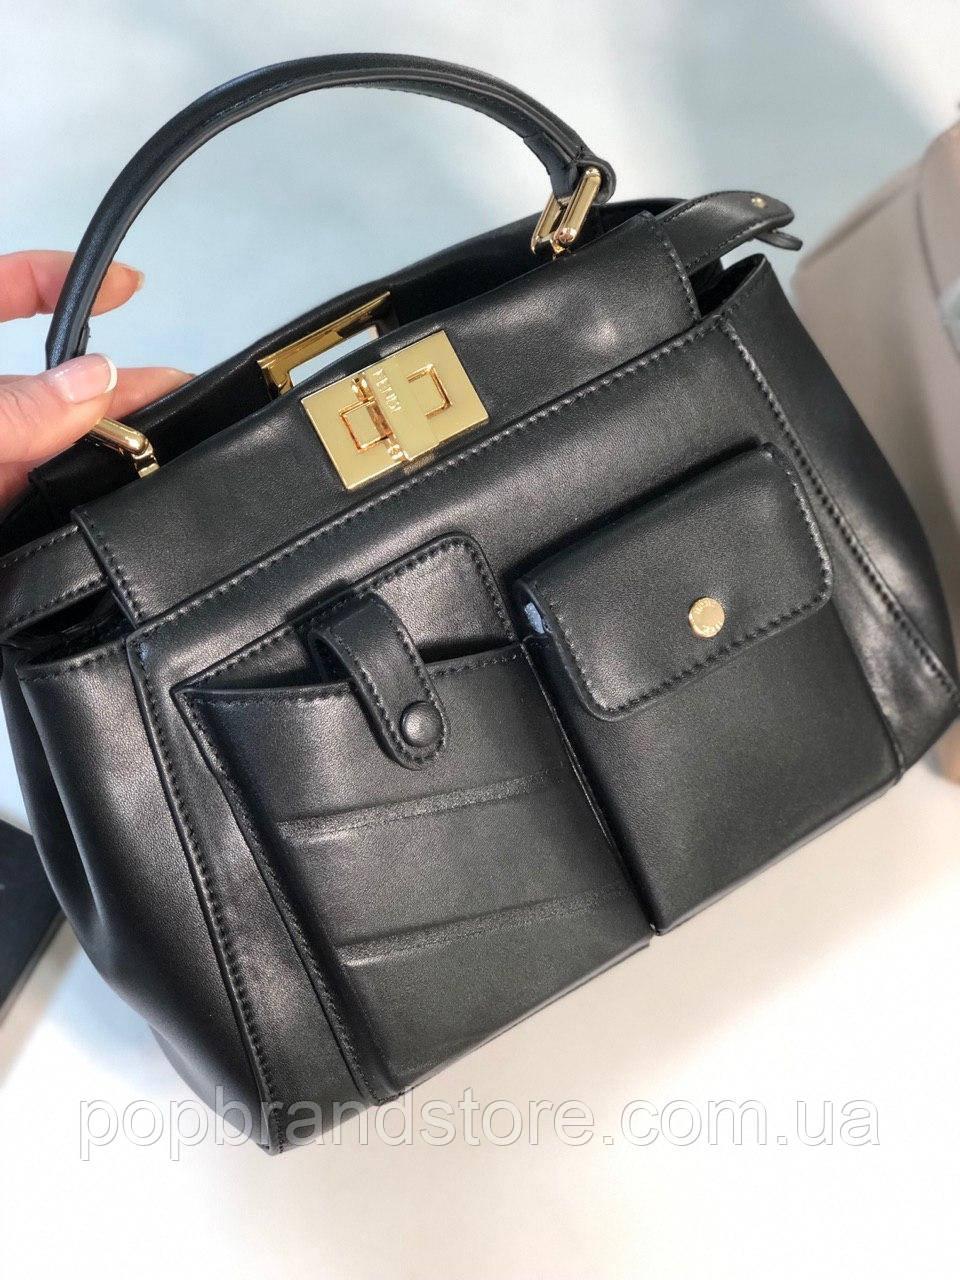 5e11da752aa8 Стильная женская сумка FENDI PEEKABOO черная (реплика) - Pop Brand Store |  брендовые сумки